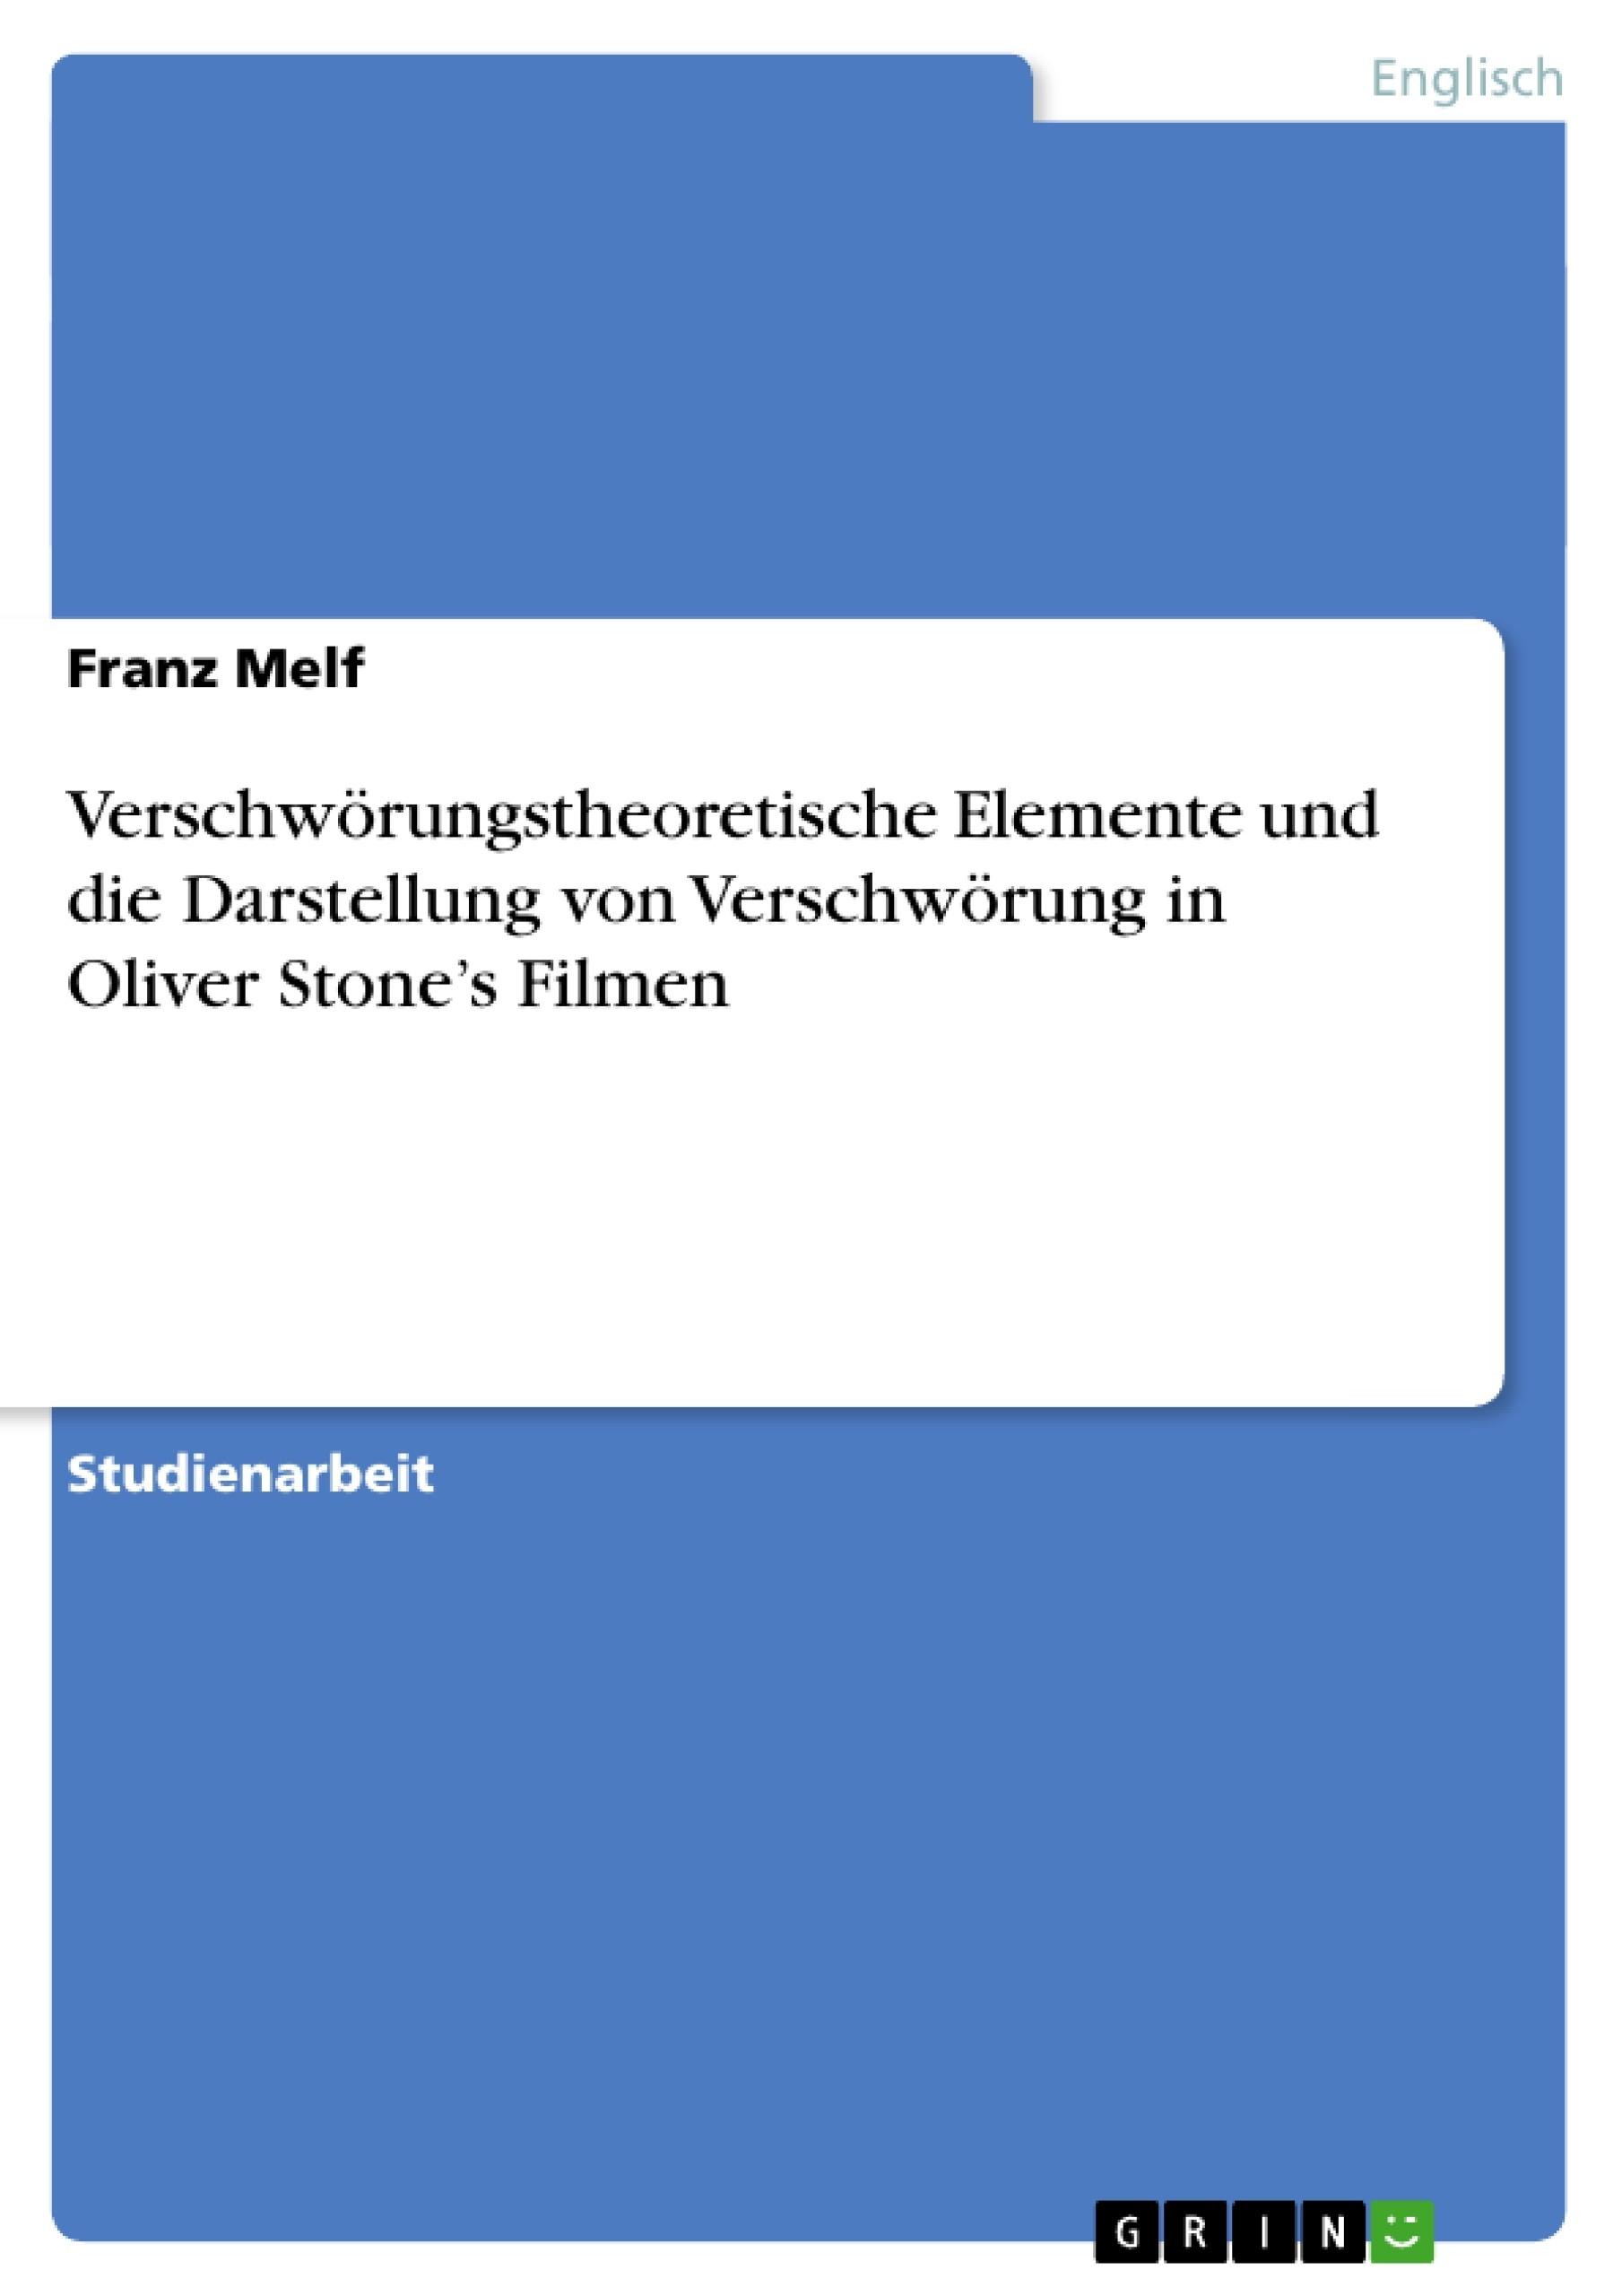 Titel: Verschwörungstheoretische Elemente und die Darstellung von Verschwörung in Oliver Stone's Filmen